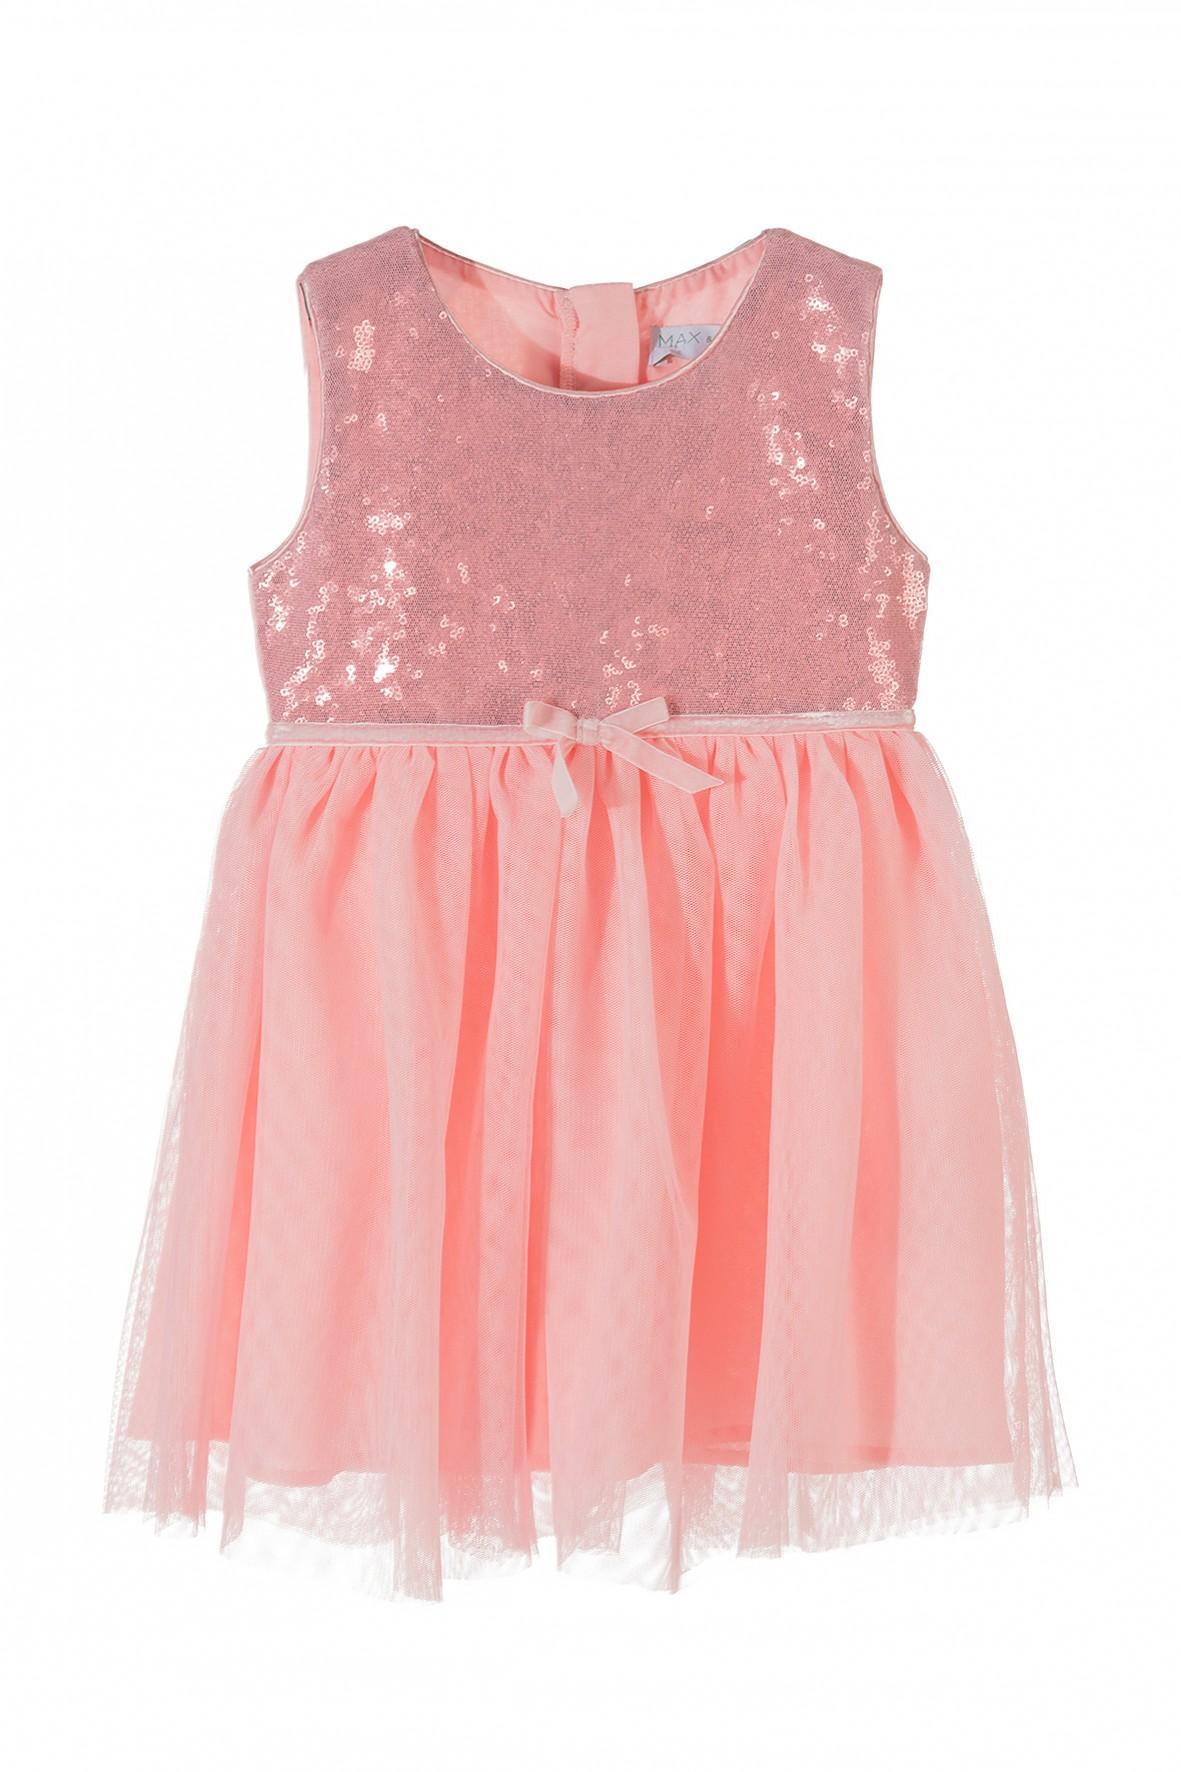 e1f4f3955a Różowa tiulowa sukienka dla dziewczynki- idealna na spacjalne okazje.